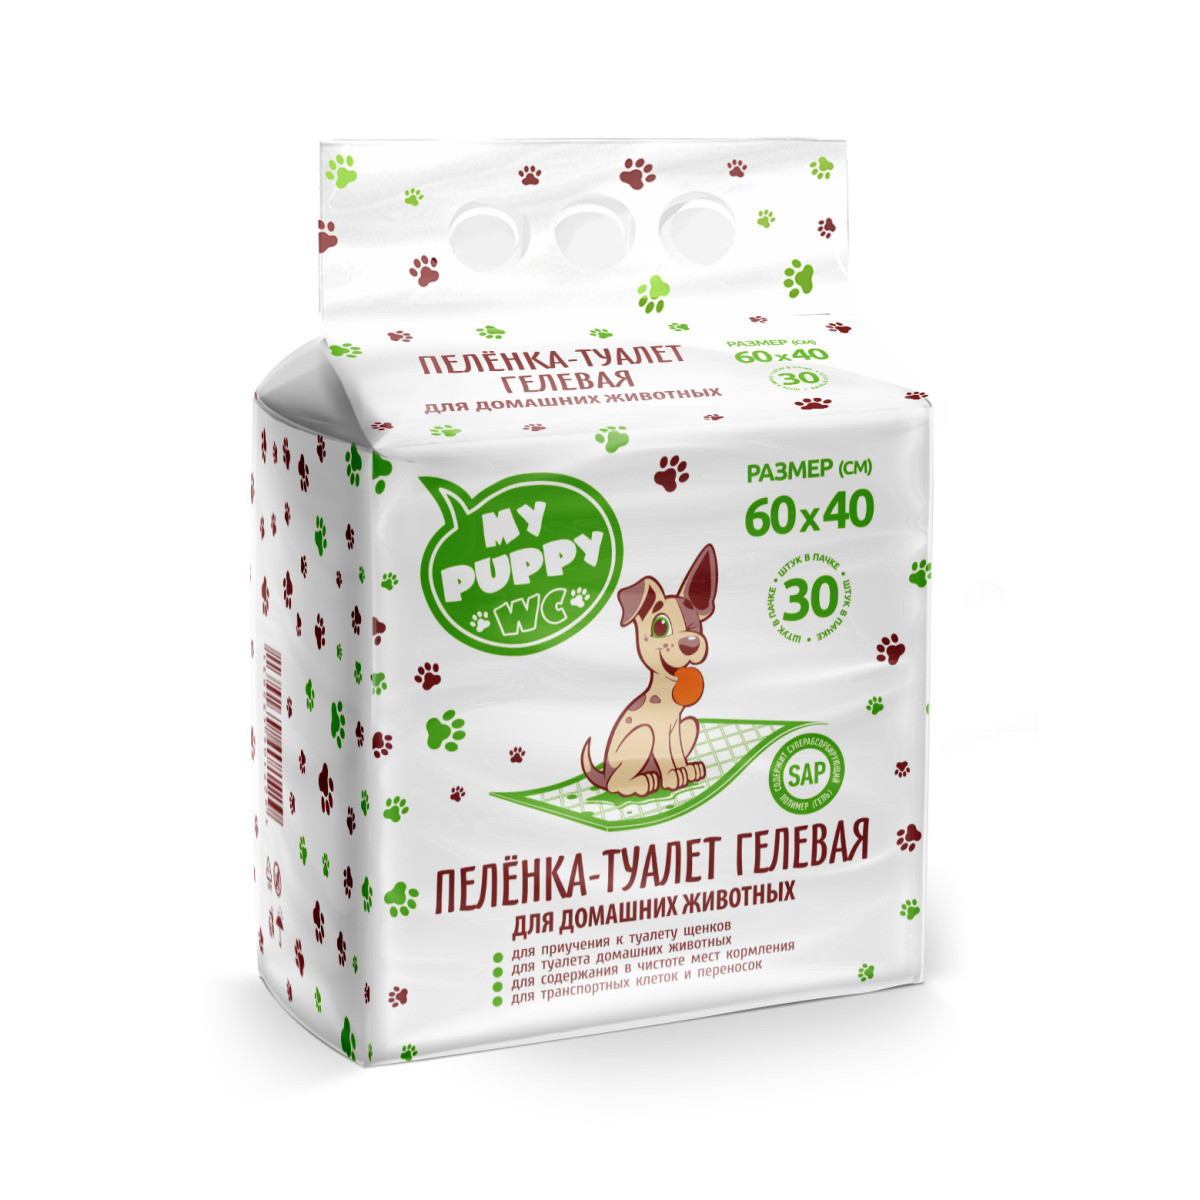 Пелёнки для животных My Puppy WC 60*40 см, 30 шт.